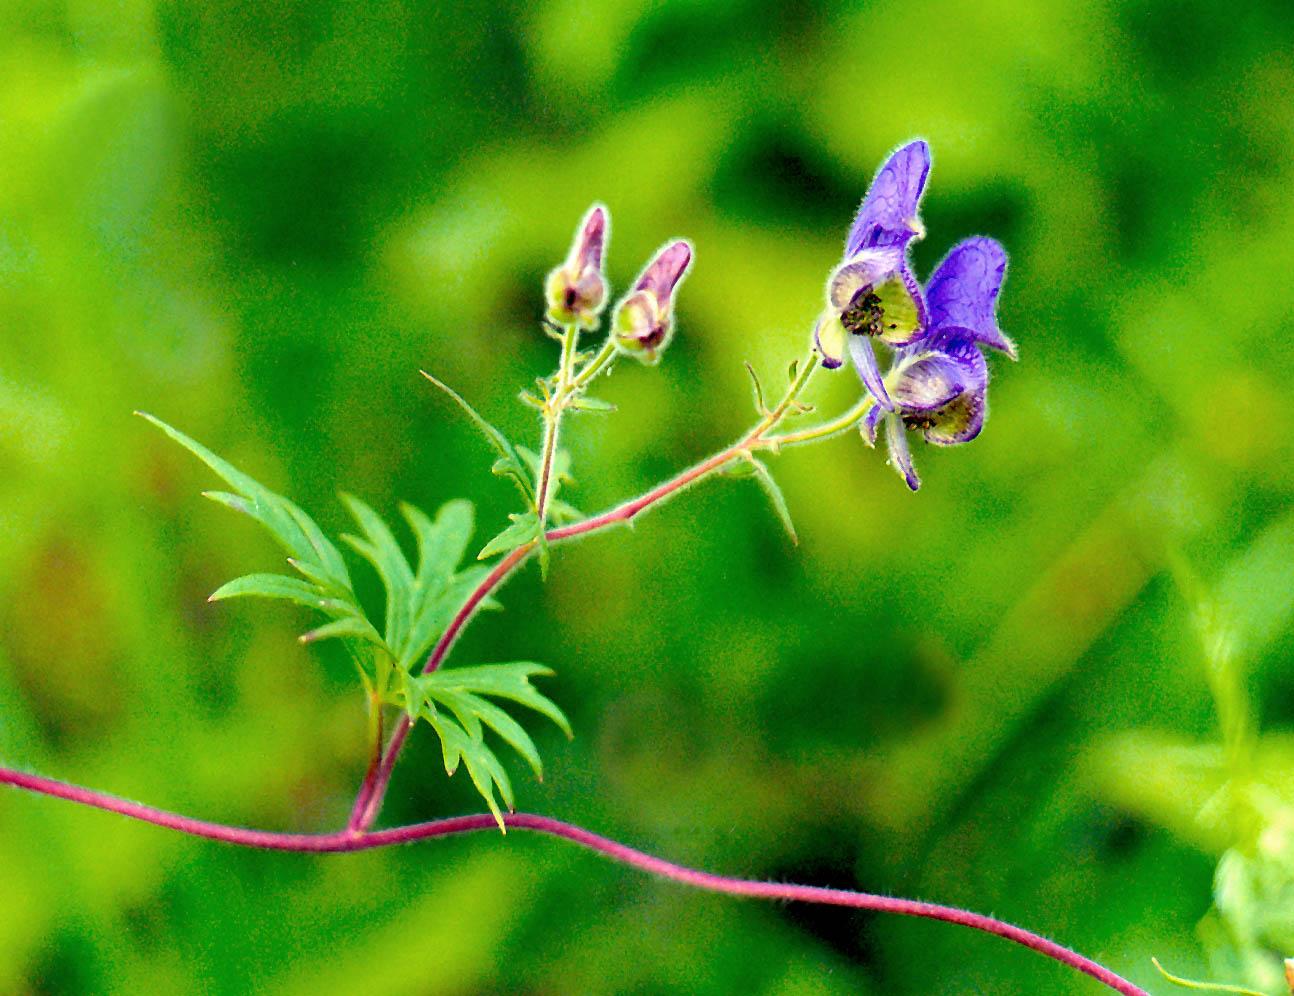 Цветок борец фото и где он растет